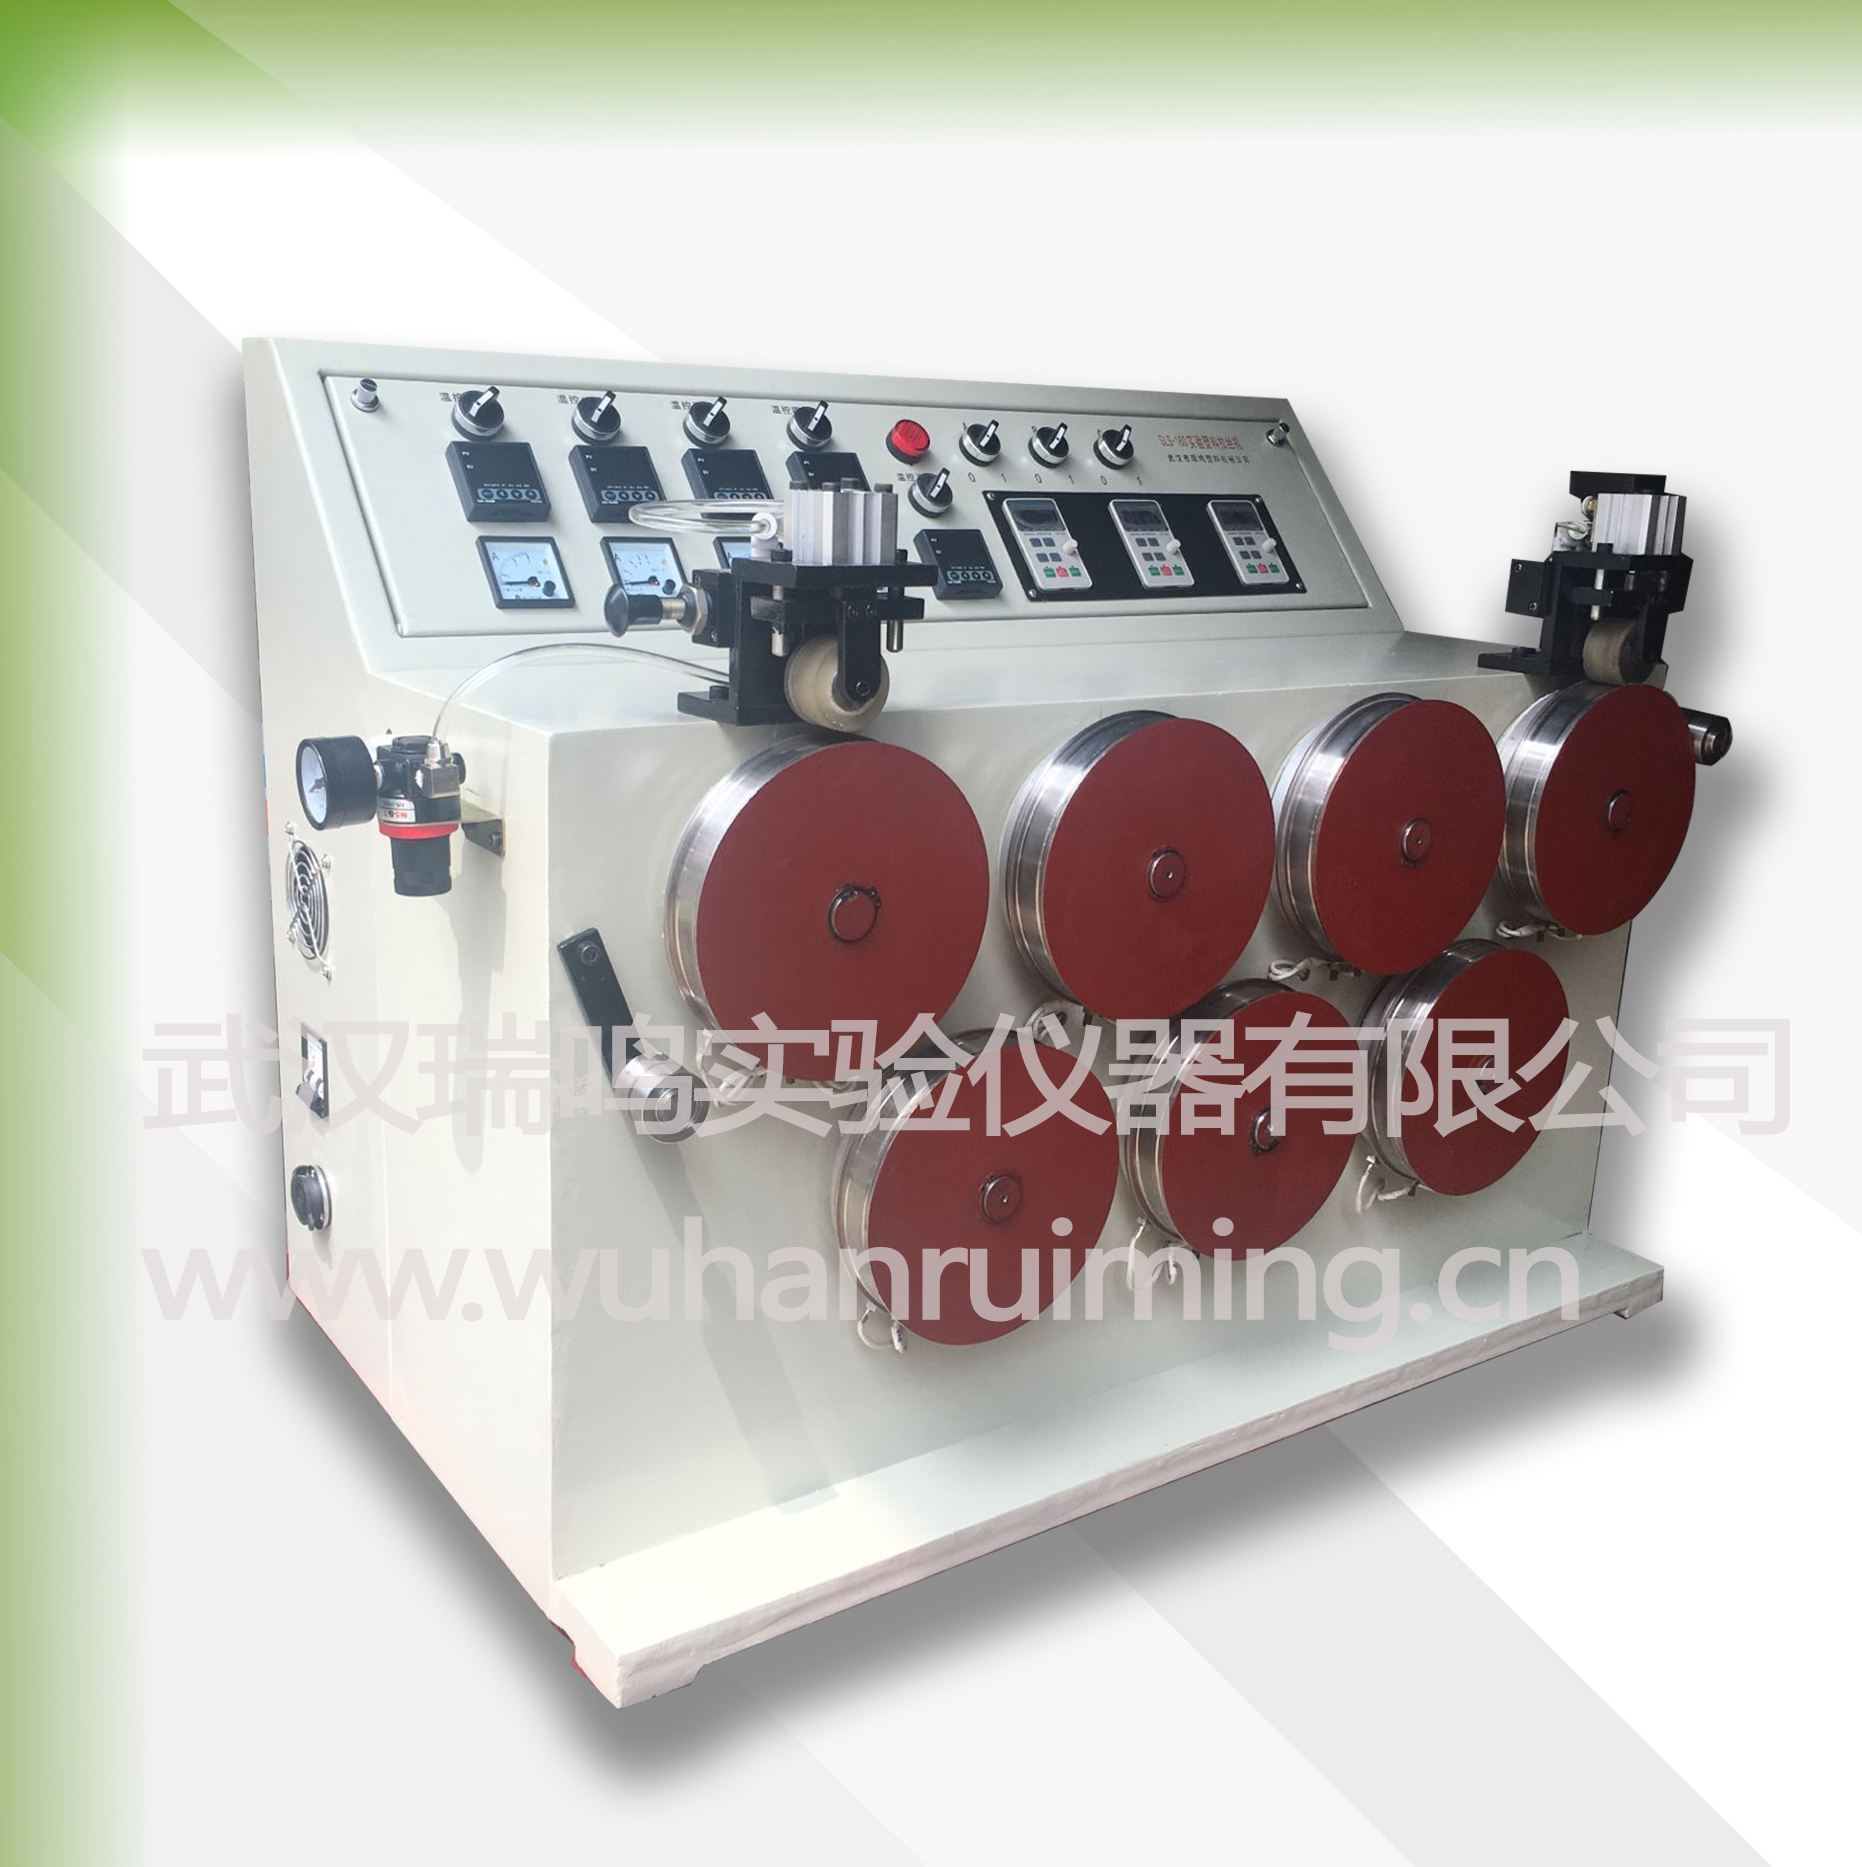 实验拉丝机、武汉实验拉丝机价格、武汉实验拉丝机厂家、武汉实验拉丝机哪家好